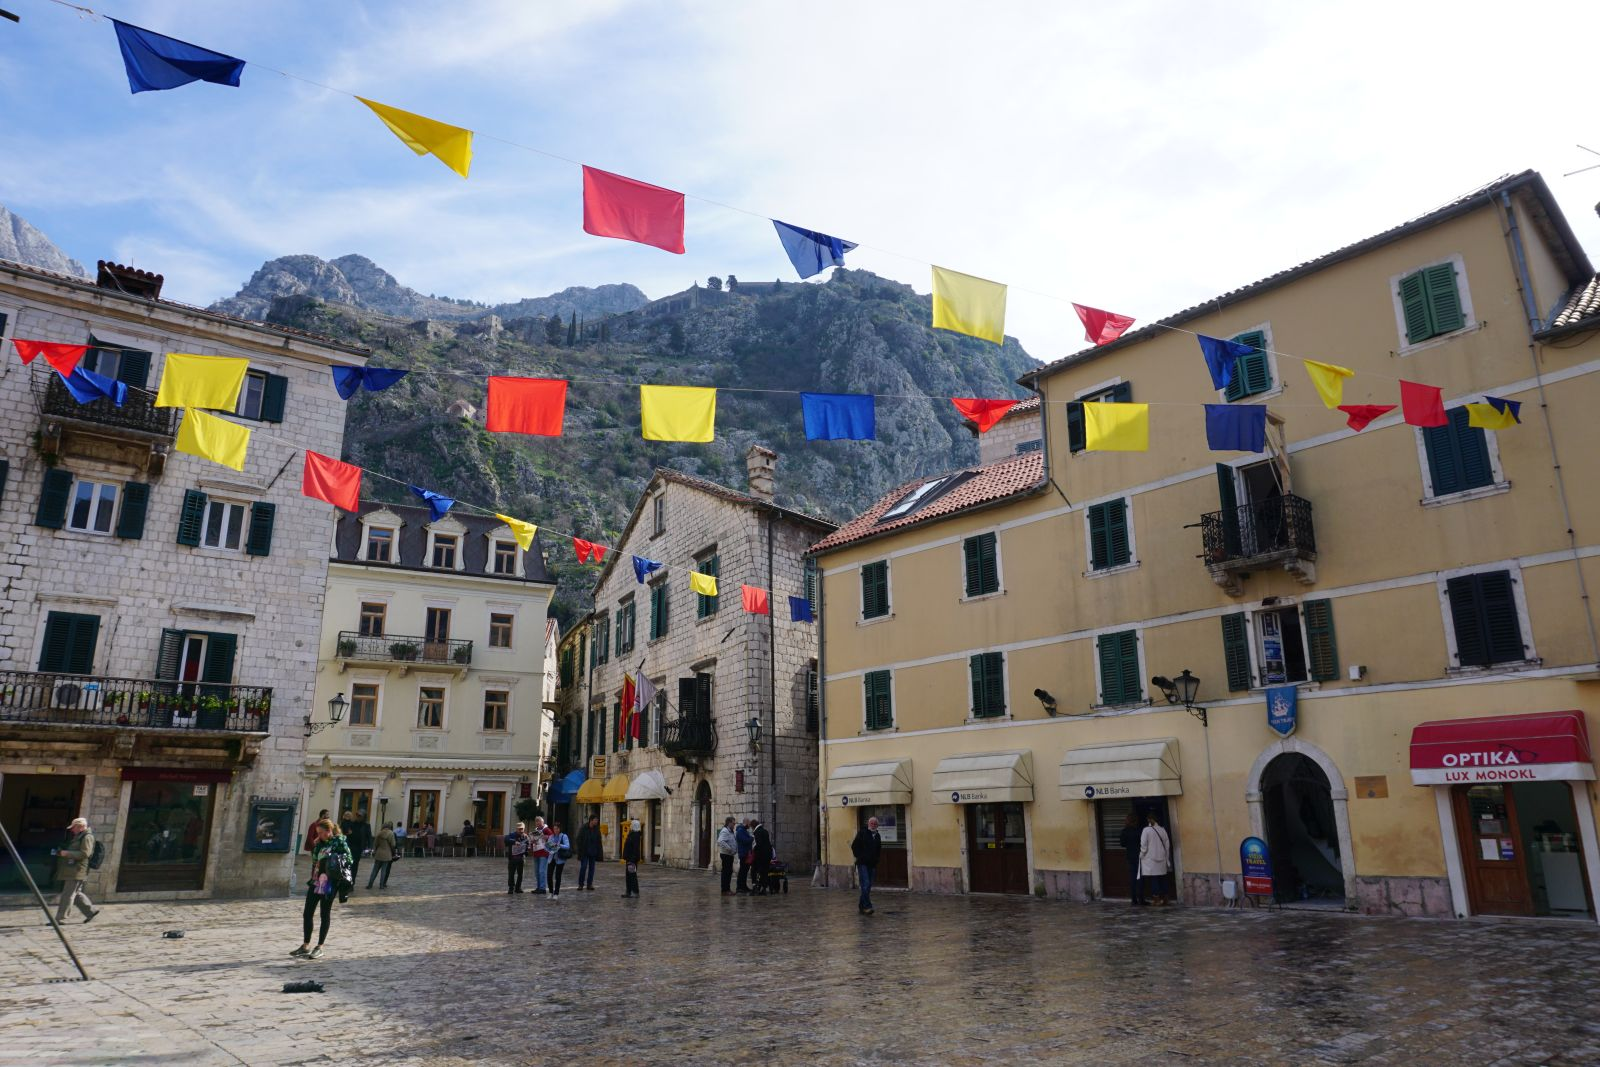 Ozdoby po festiwalu w Kotorze.